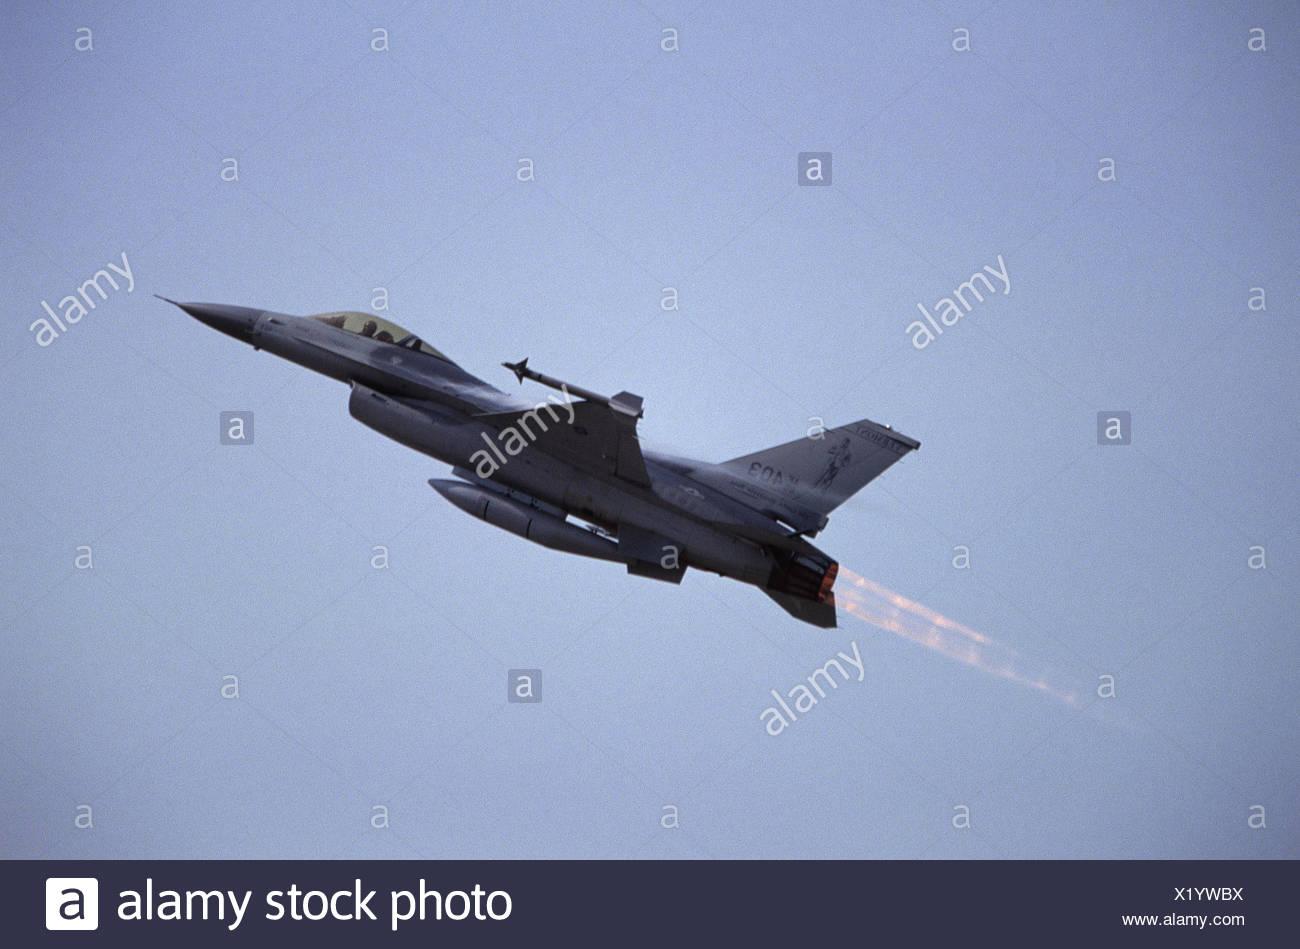 Niedlich Flugzeug Sicherheitsdraht Spannschlösser Technik Bilder ...